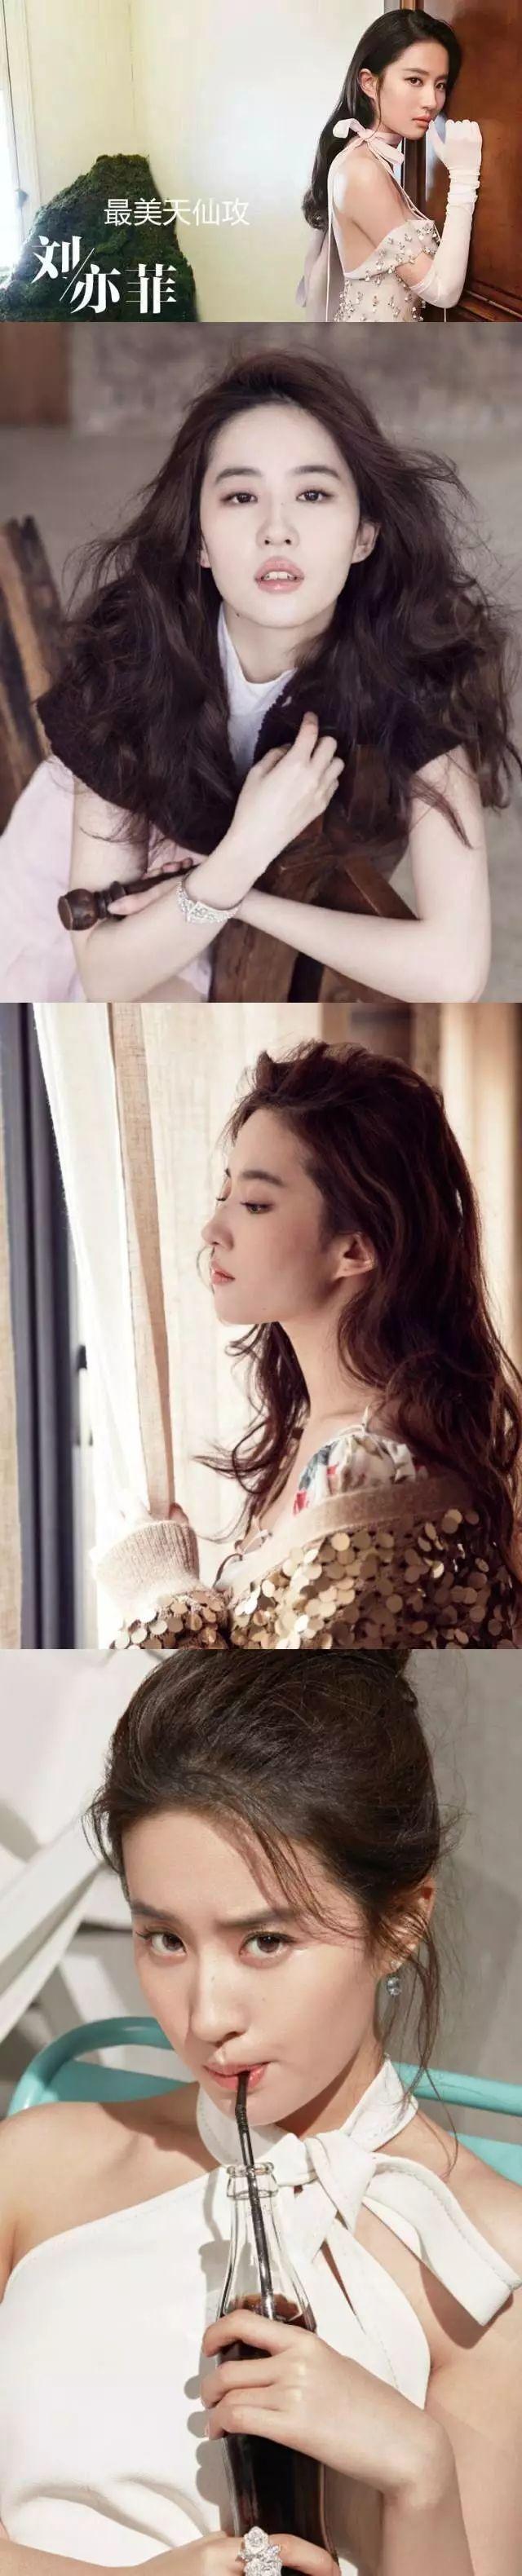 有一种美叫刘亦菲-第8张图片